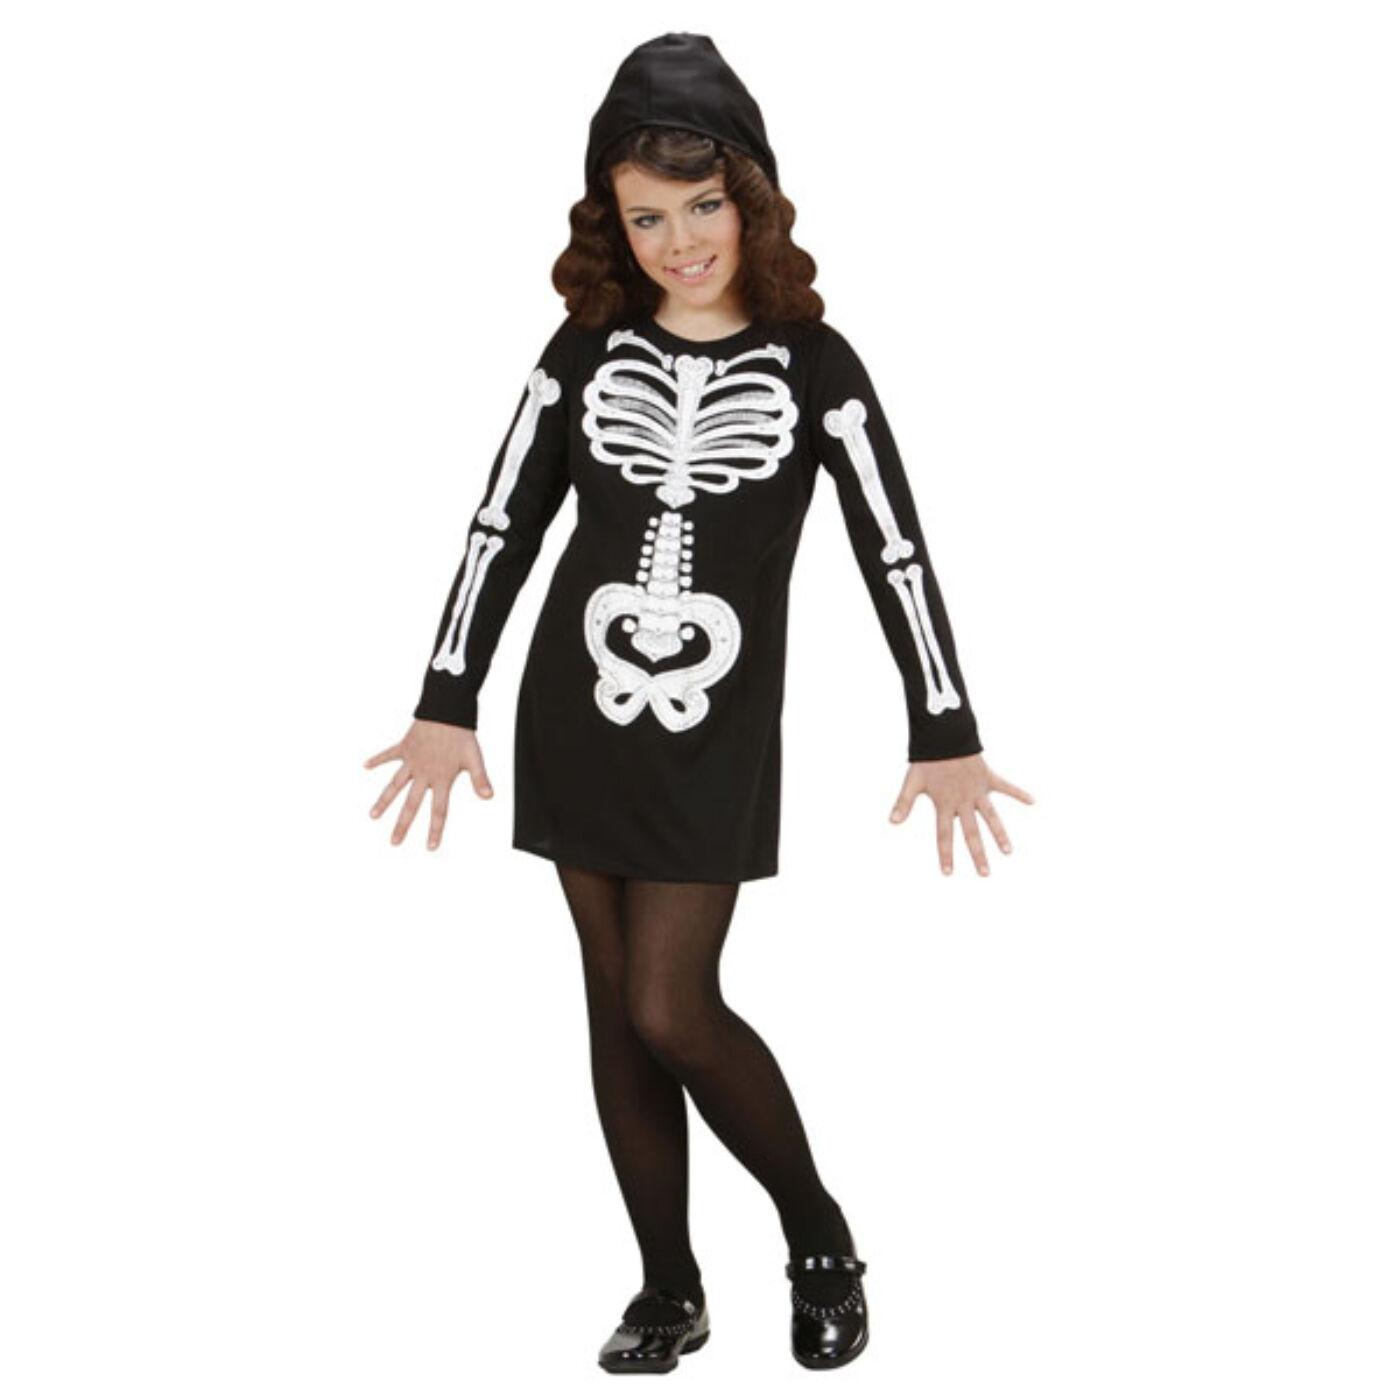 Csillogó csontváz lány jelmez 158-as